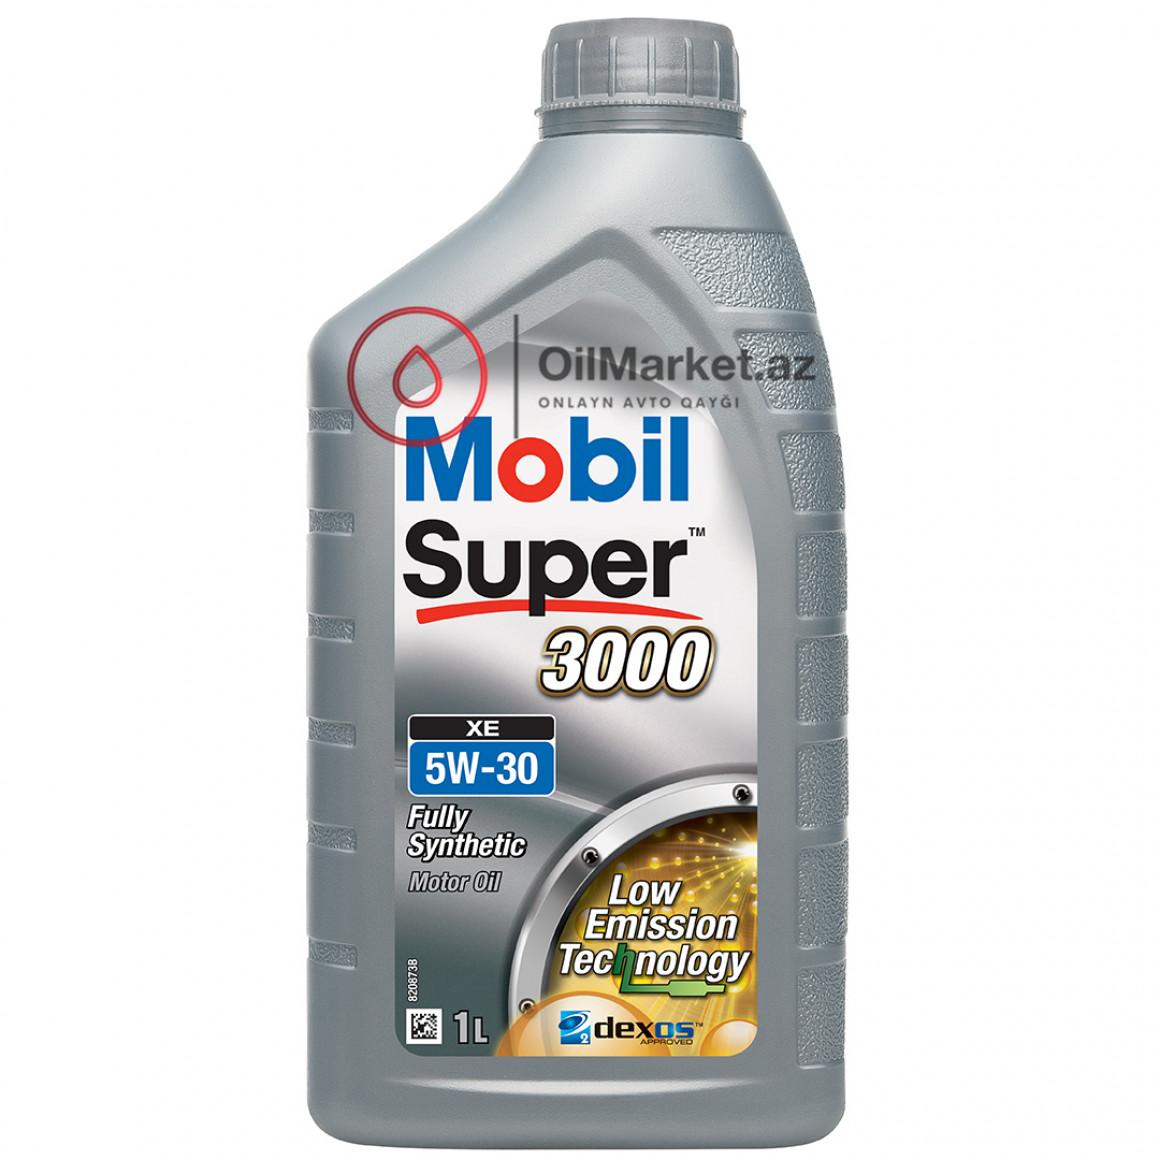 Mobil Super 3000 XE 5W-30 - 1 lt